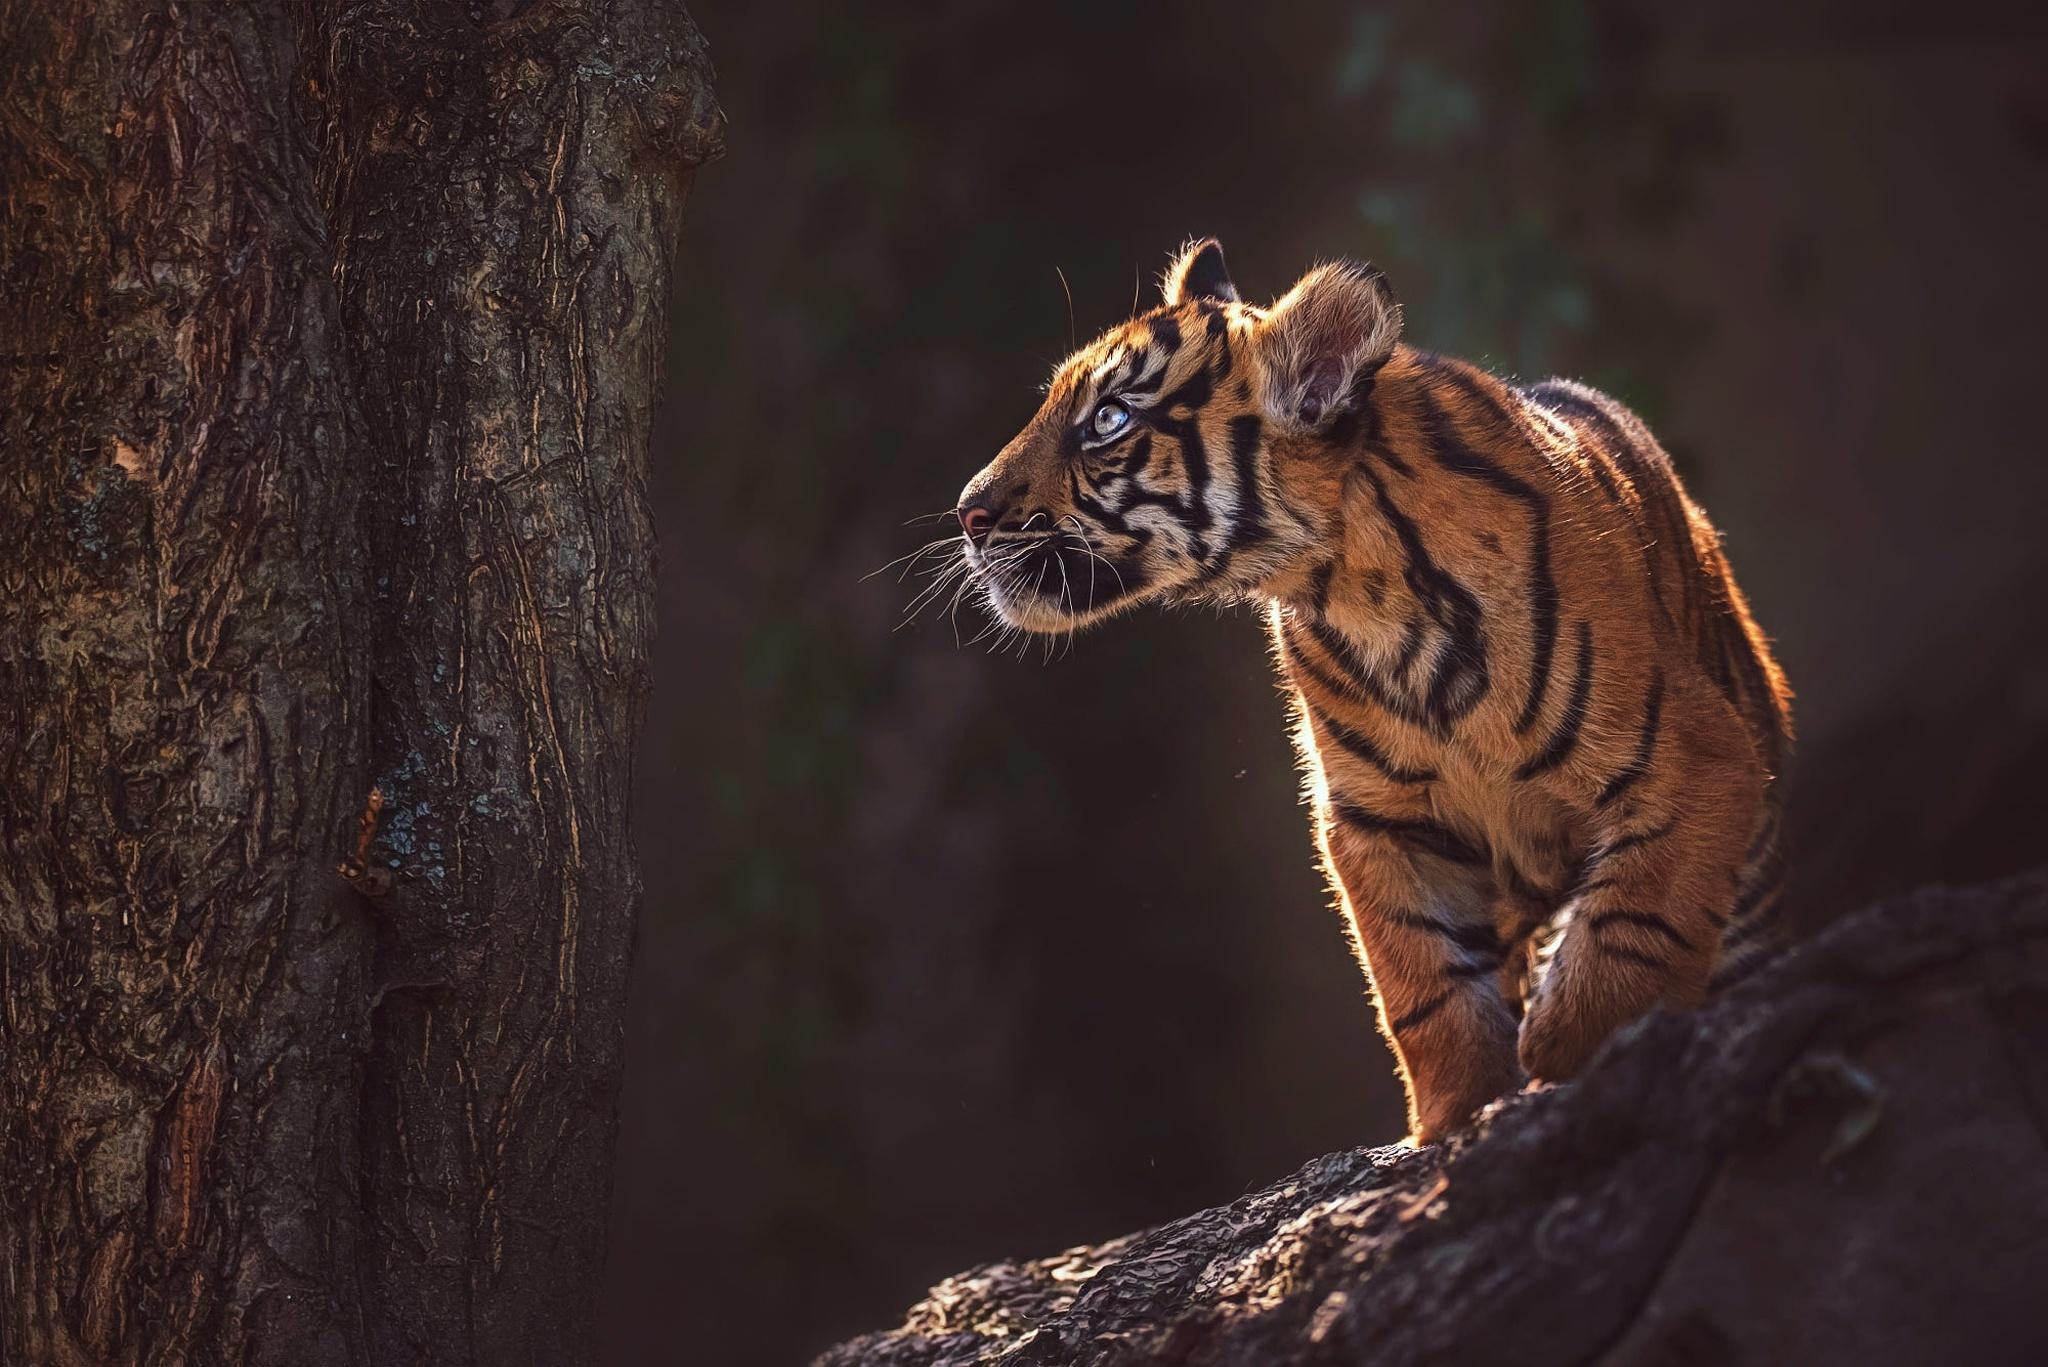 Картинка: Тигр, тигрёнок, малыш, хищник, полоски